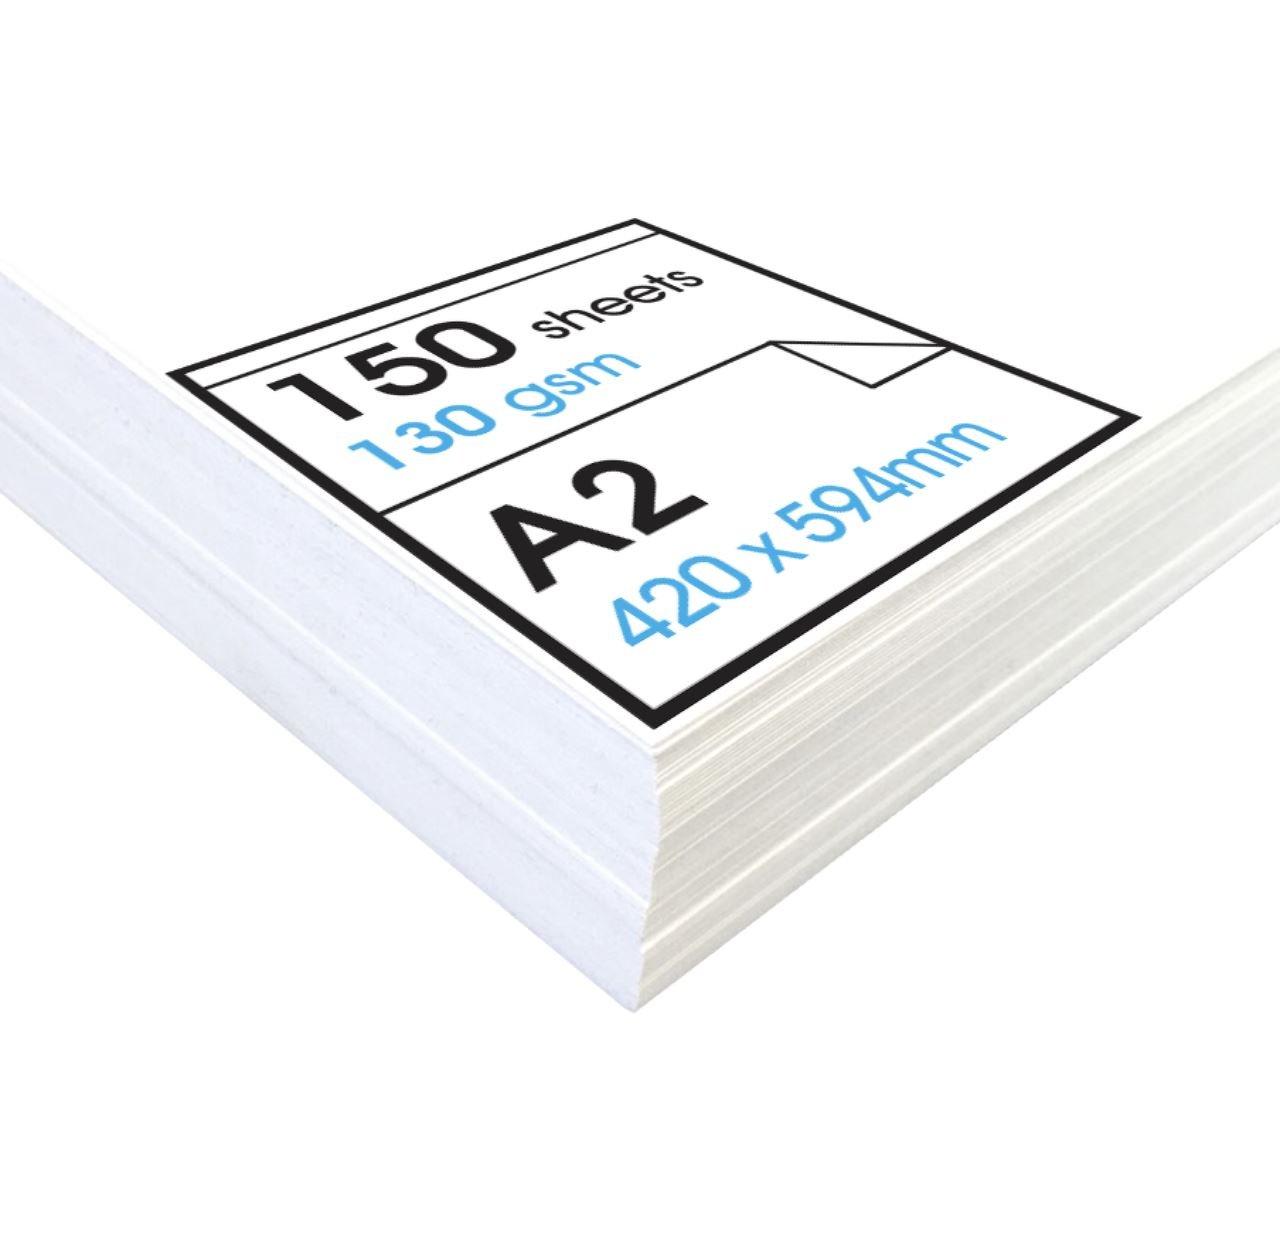 Blanc A2 - 150 feuilles Artway Studio - Papier voituretouche à dessin - sans acide - feuilles parfaites pour techniques sèches - 130 g m² - A2 (1500 feuilles)